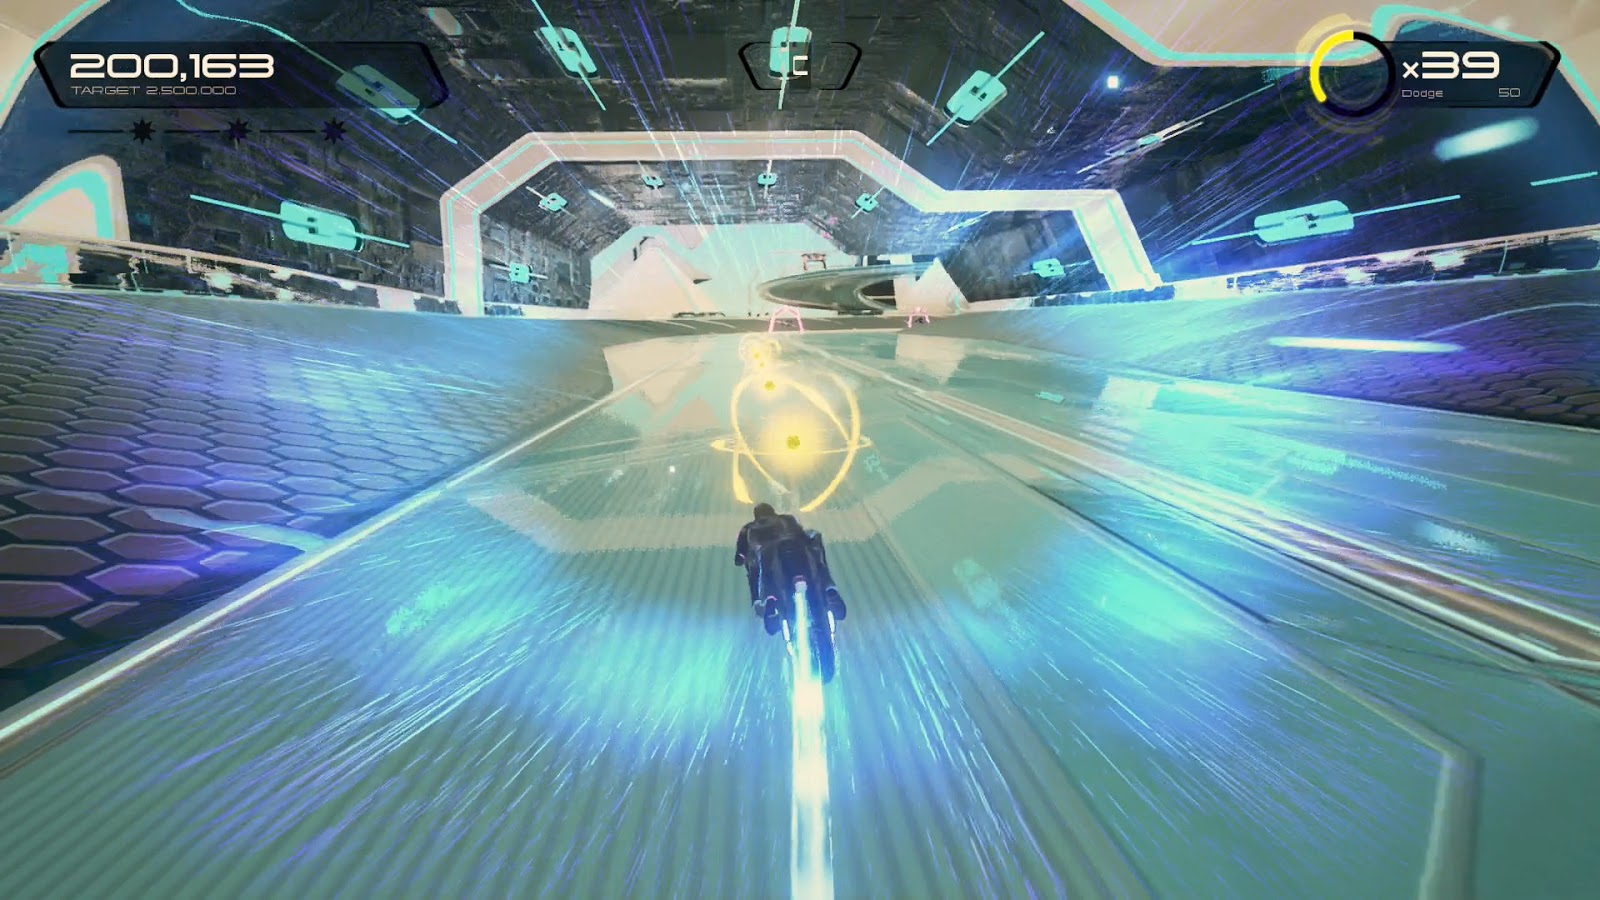 tron-runr-pc-screenshot-02